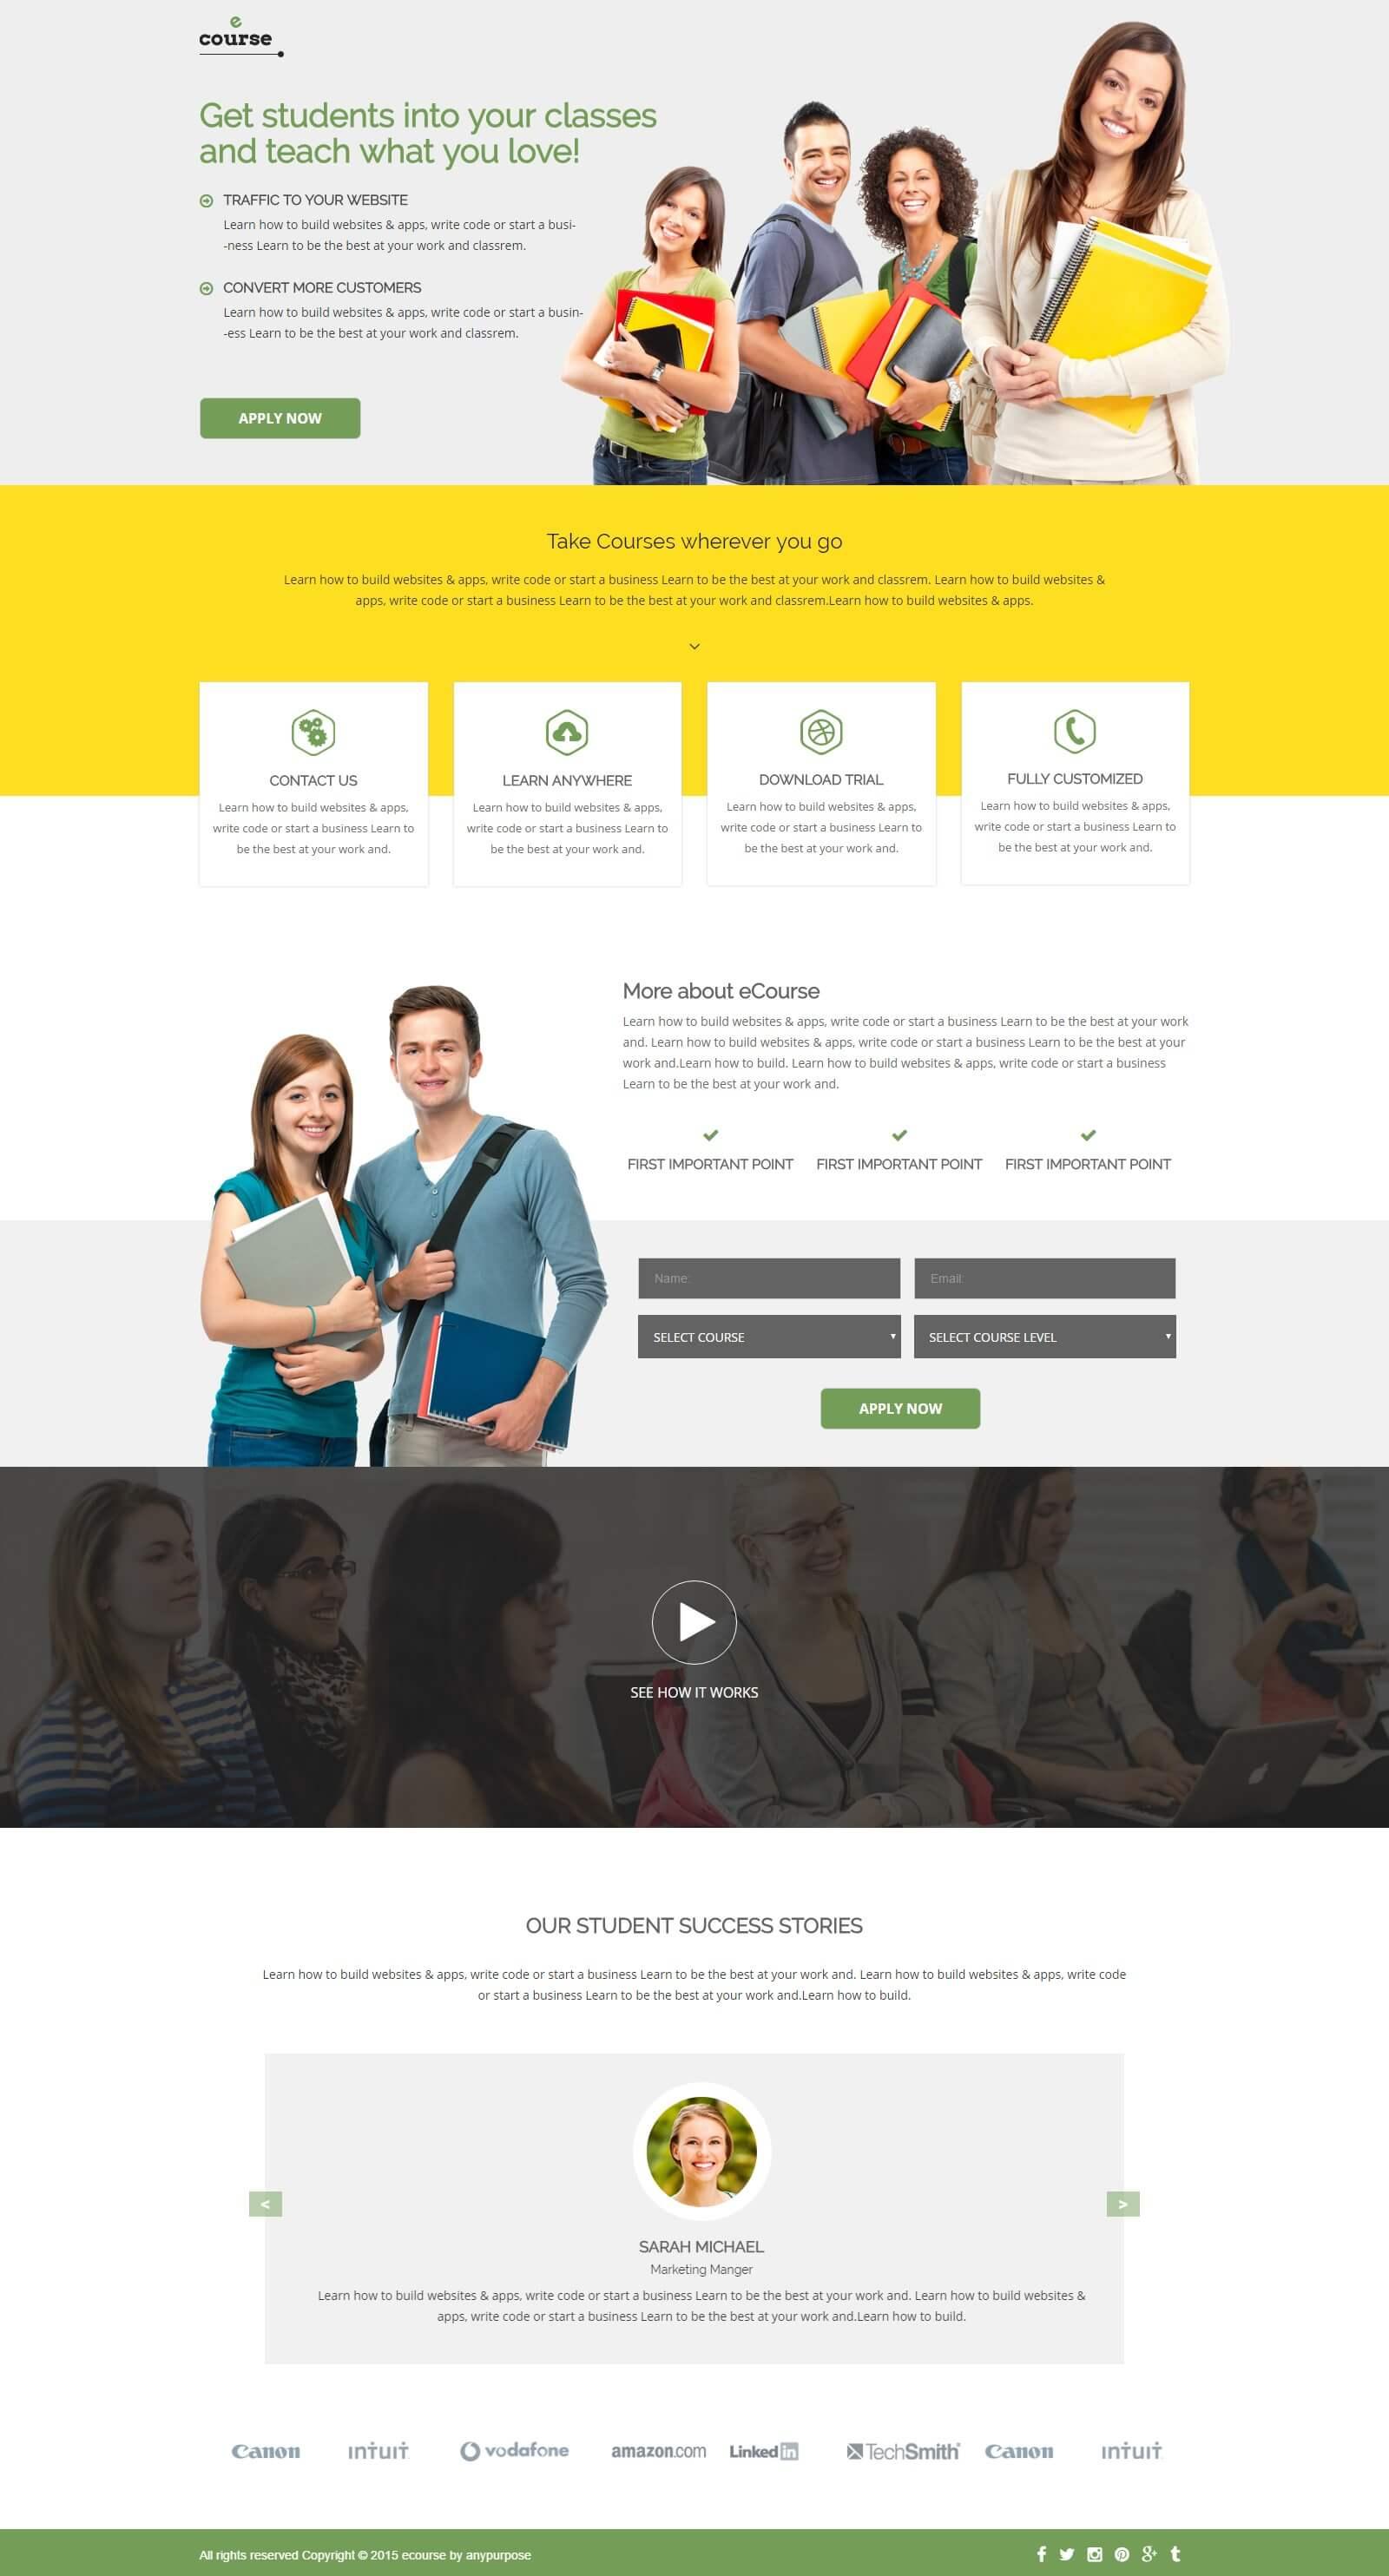 e-course landing page